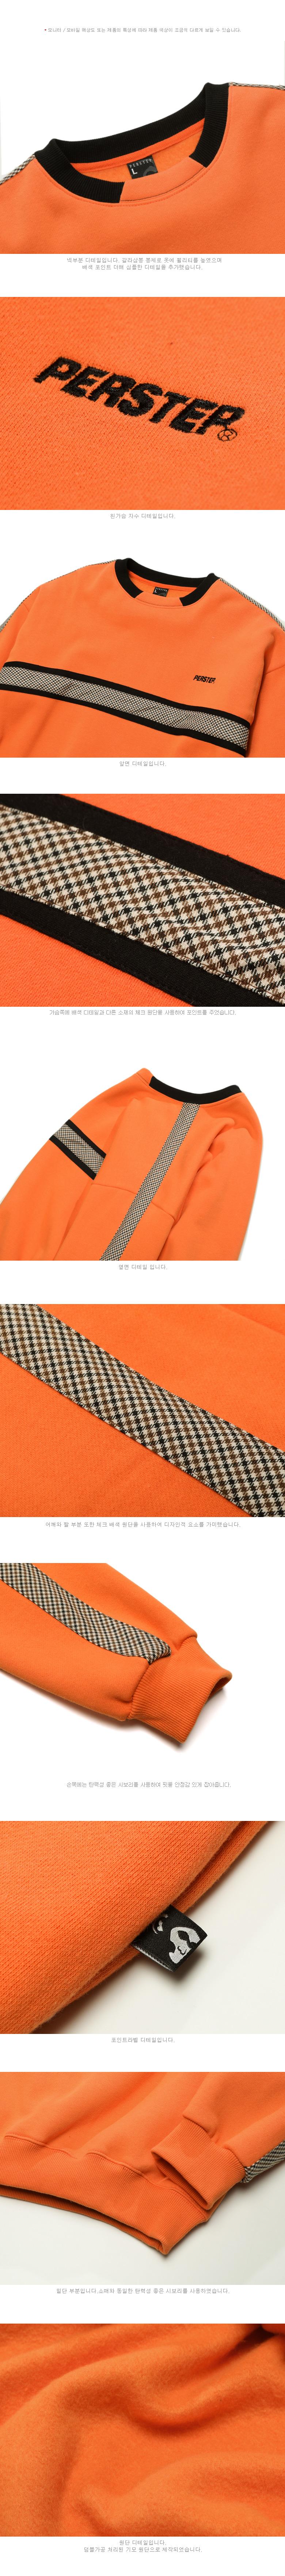 4301_detail_orange_uk_02.jpg